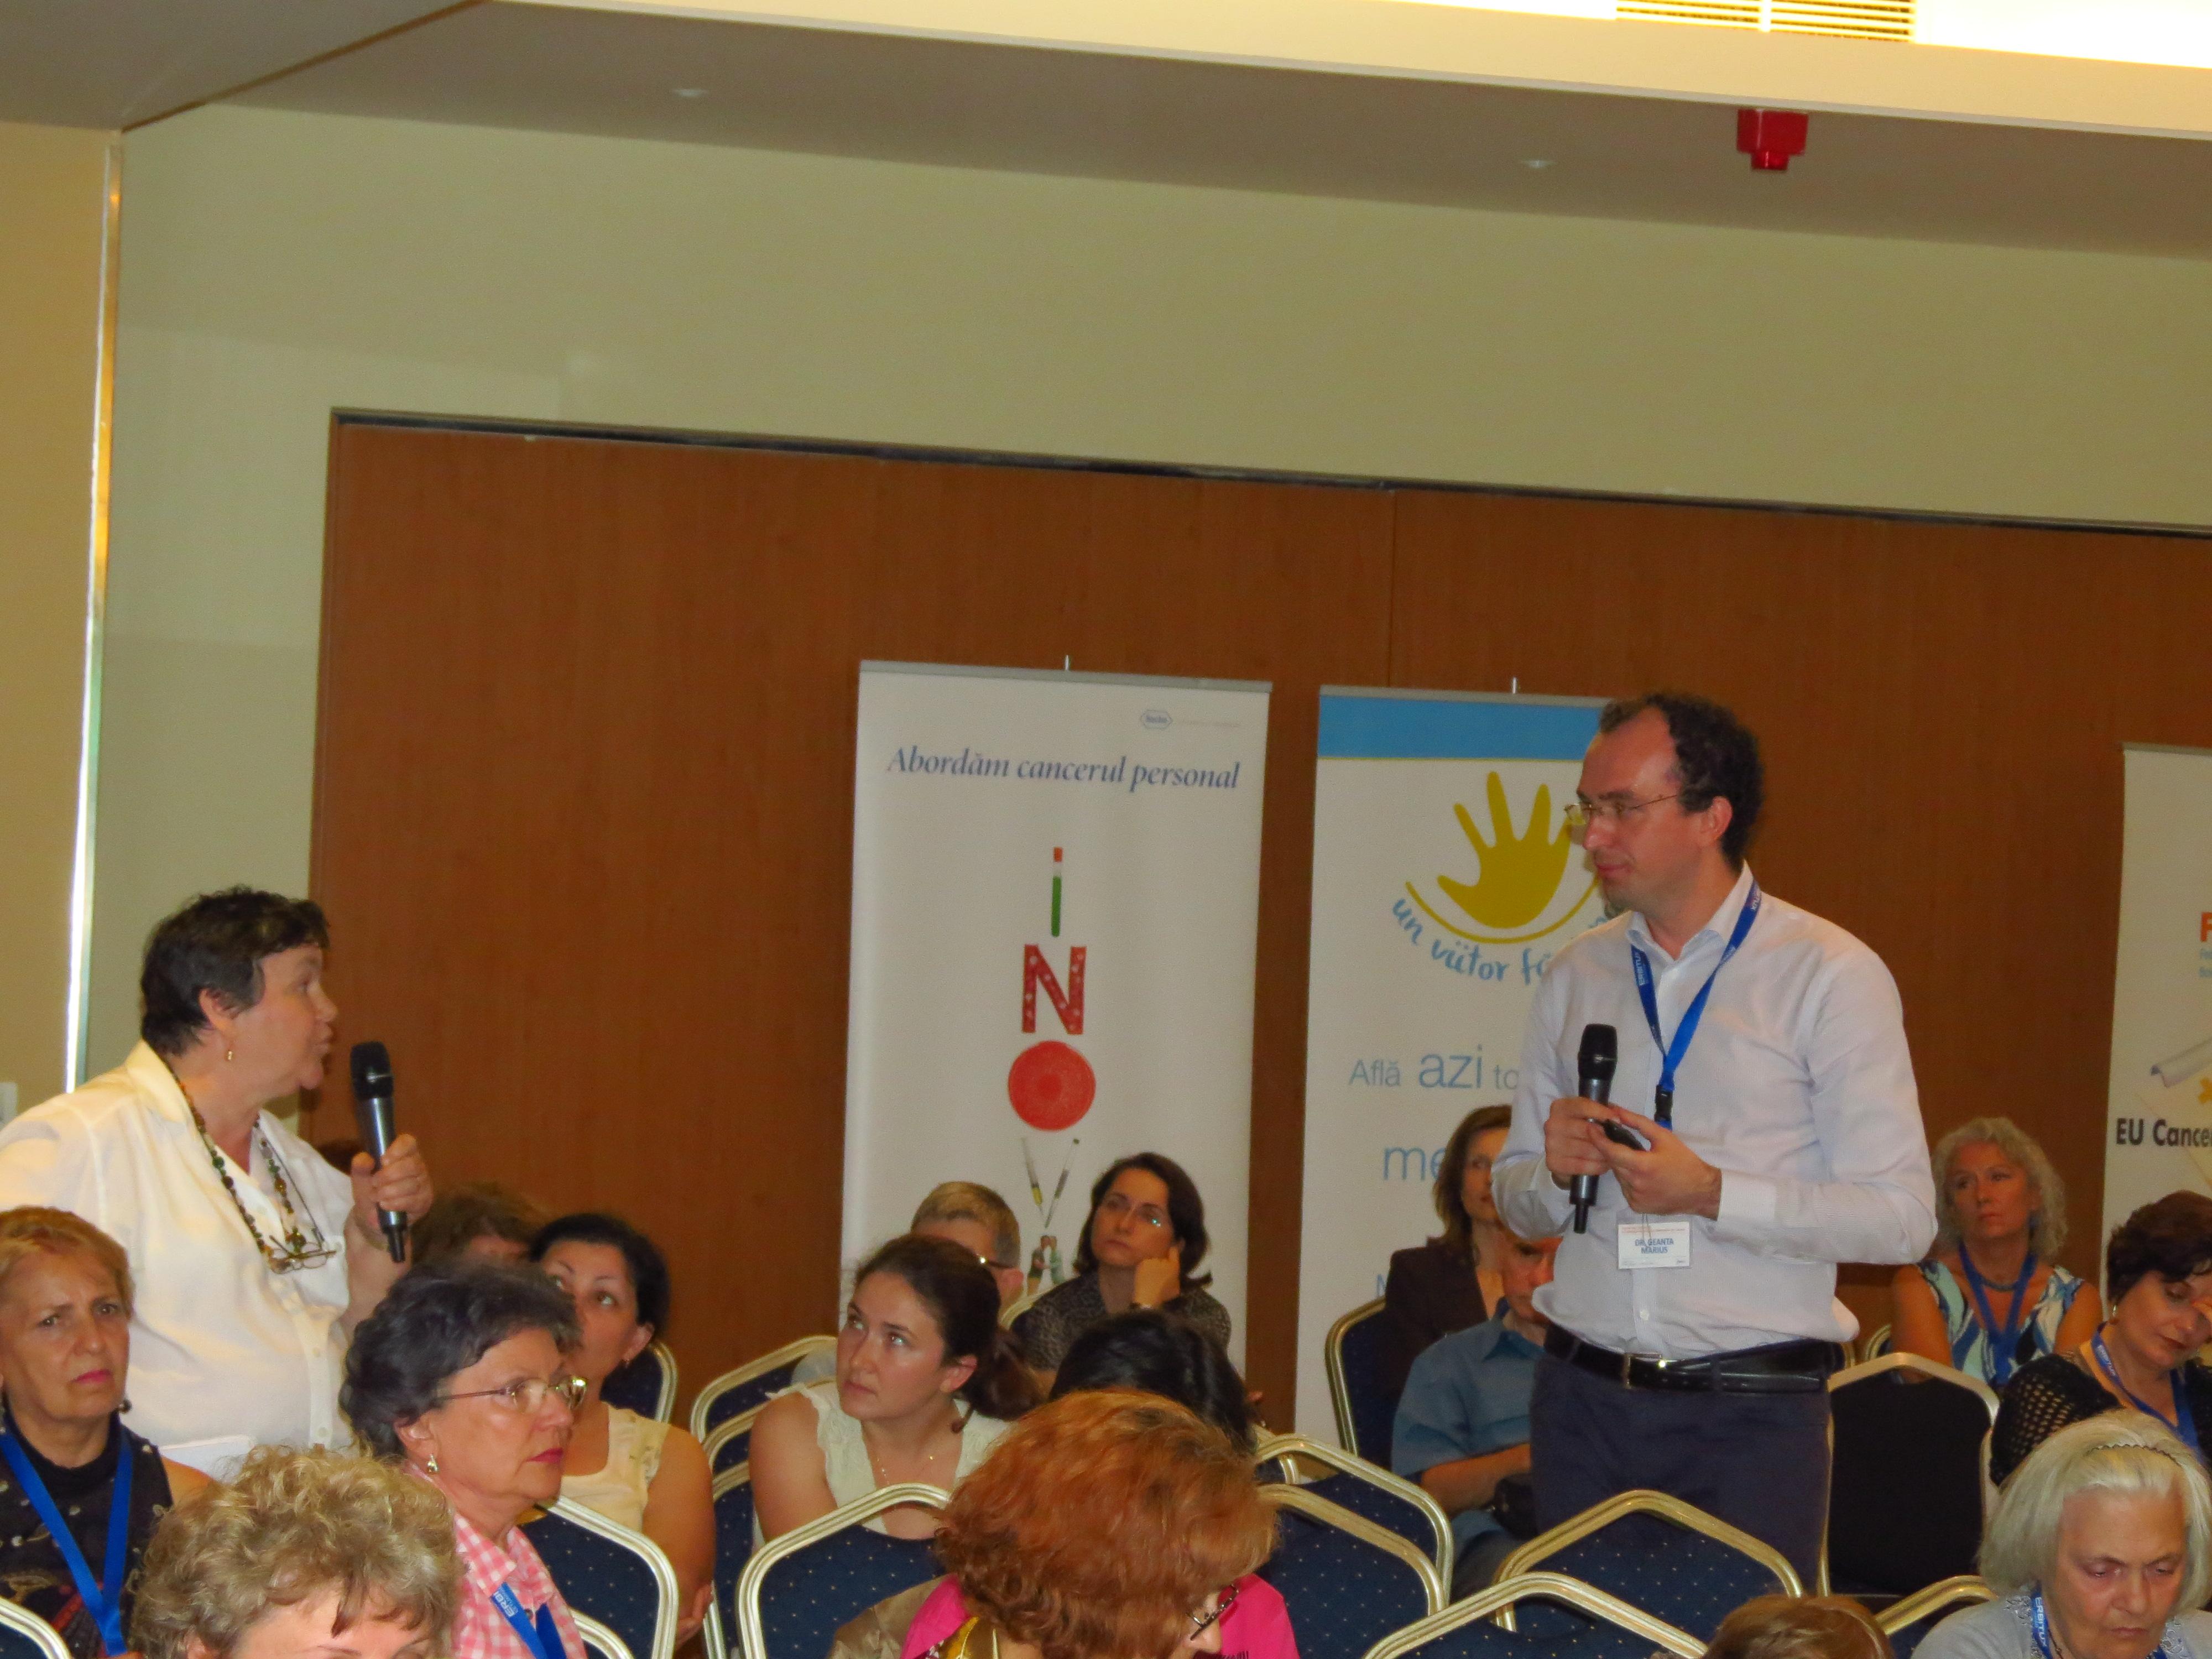 conferinta fabc 2013